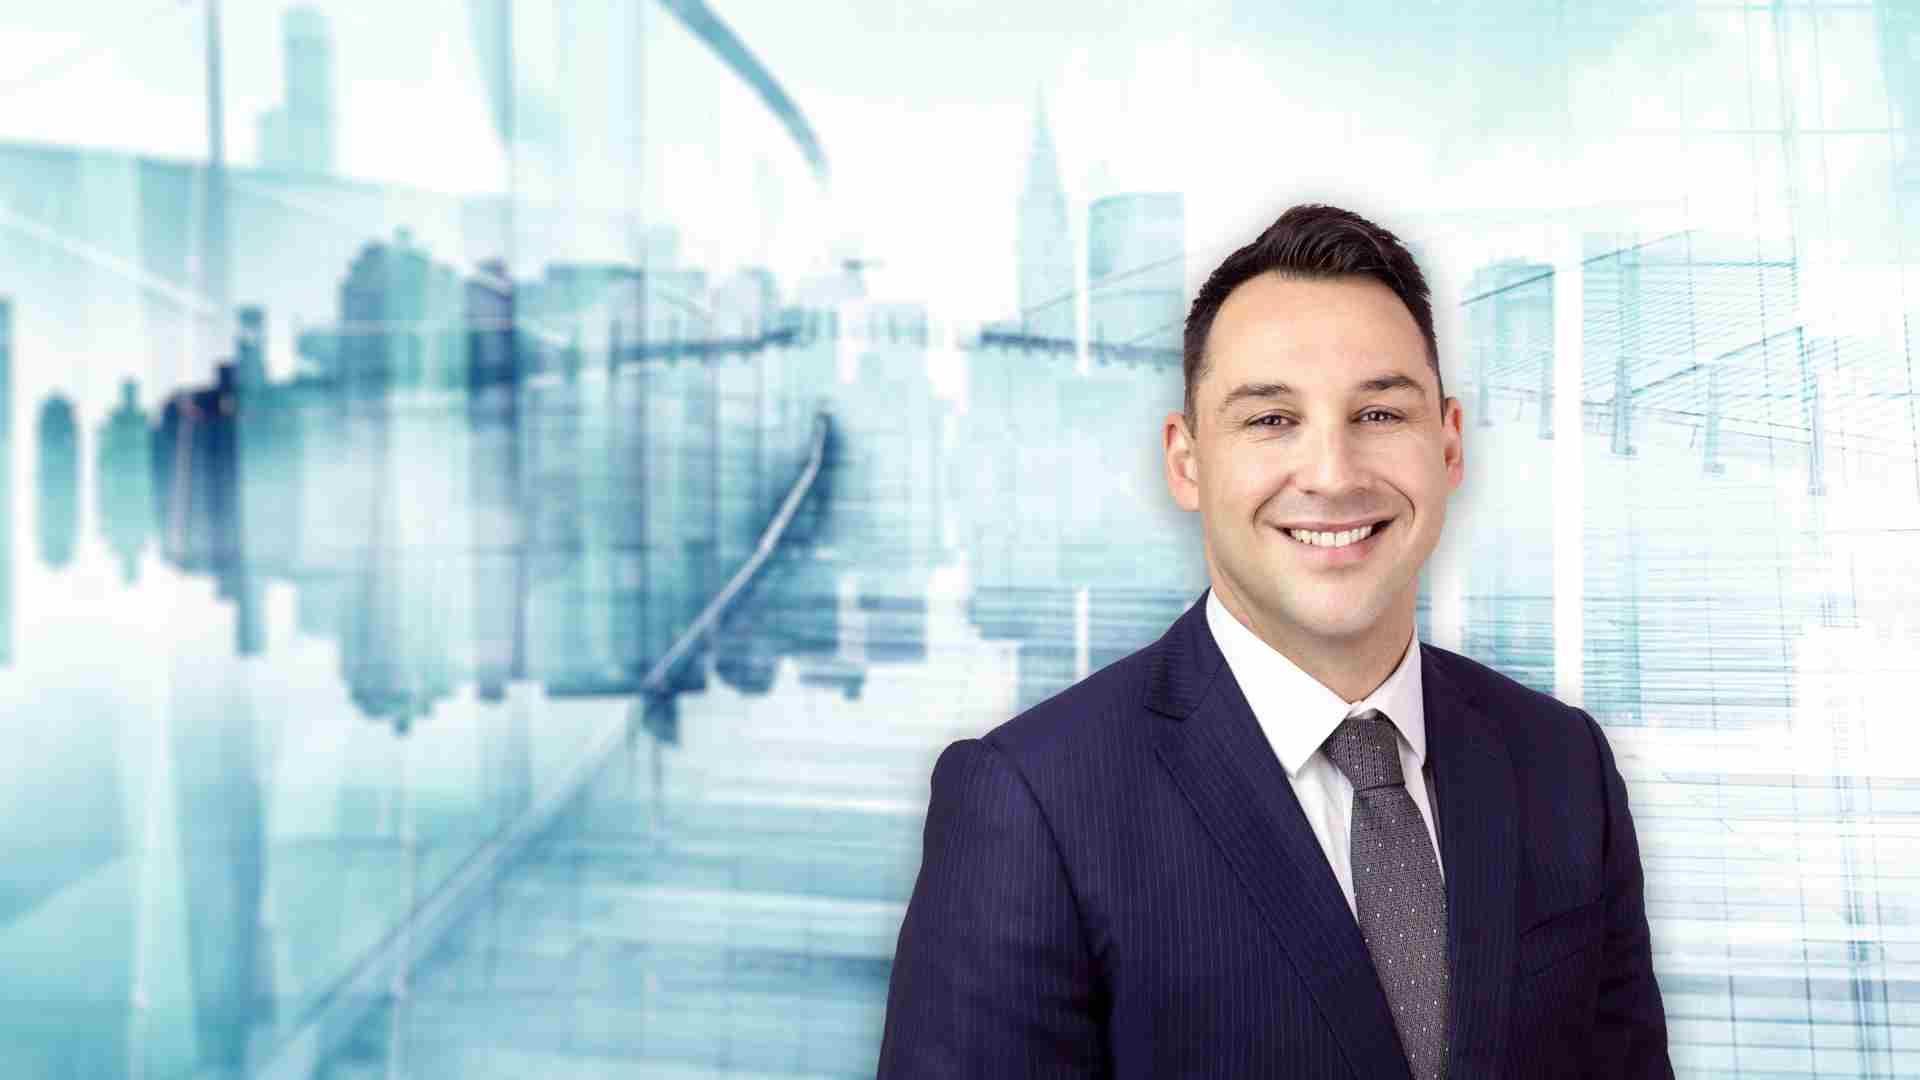 Expert in Focus - Michael Bartier